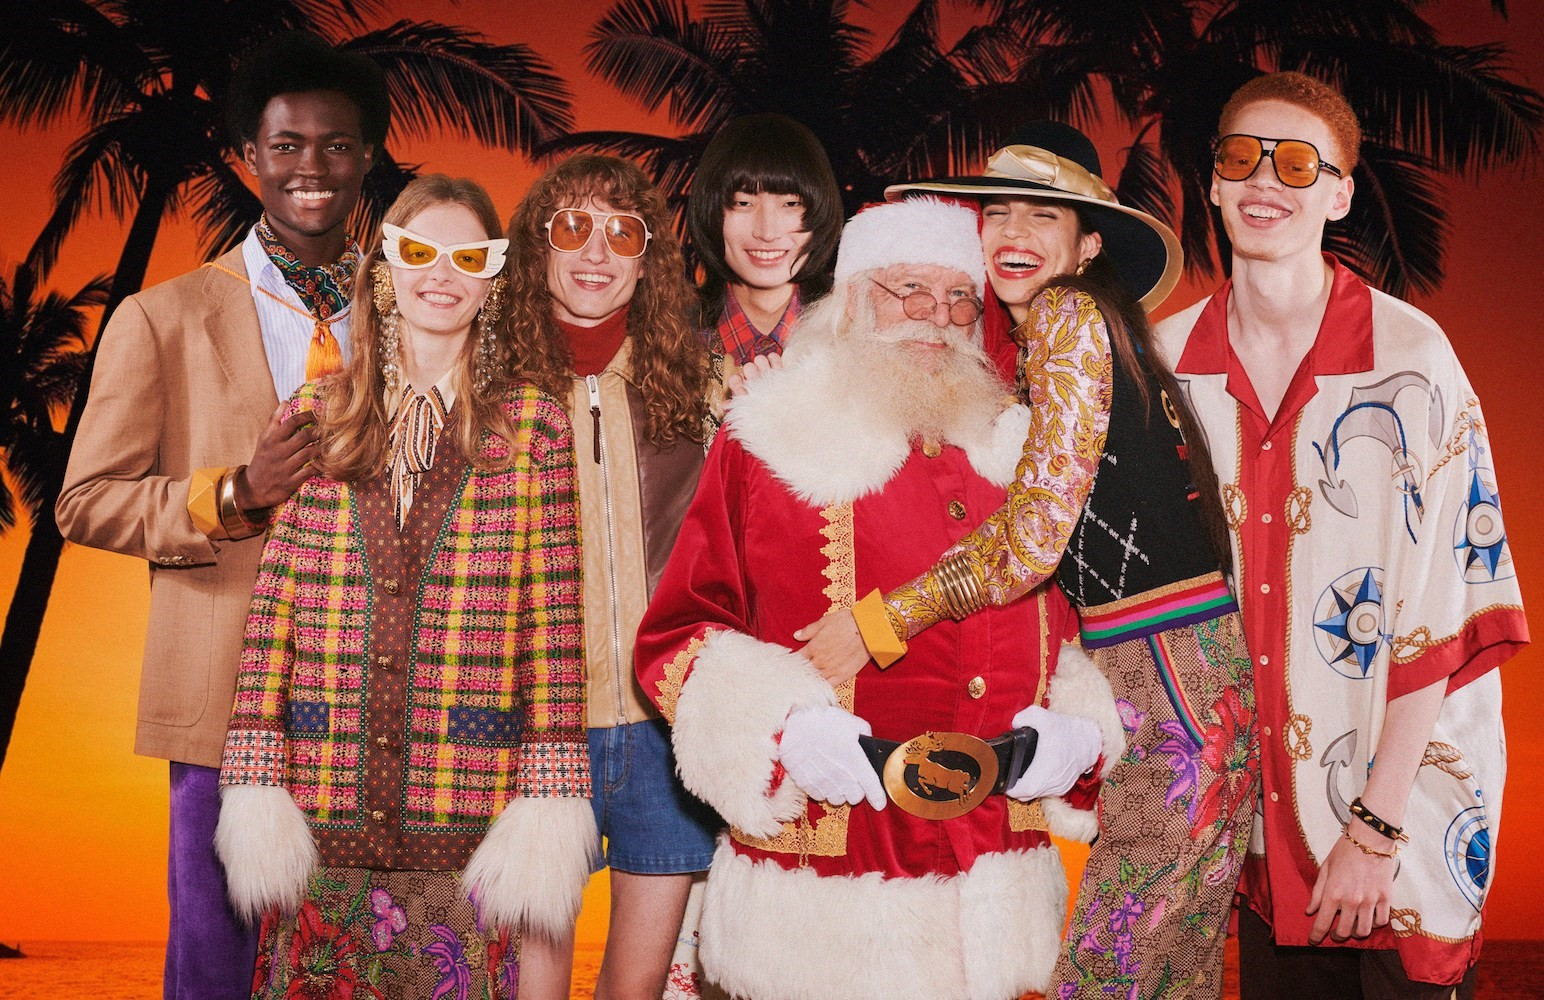 Gucci adelanta la Navidad con su nueva campaña 'Gift Giving'